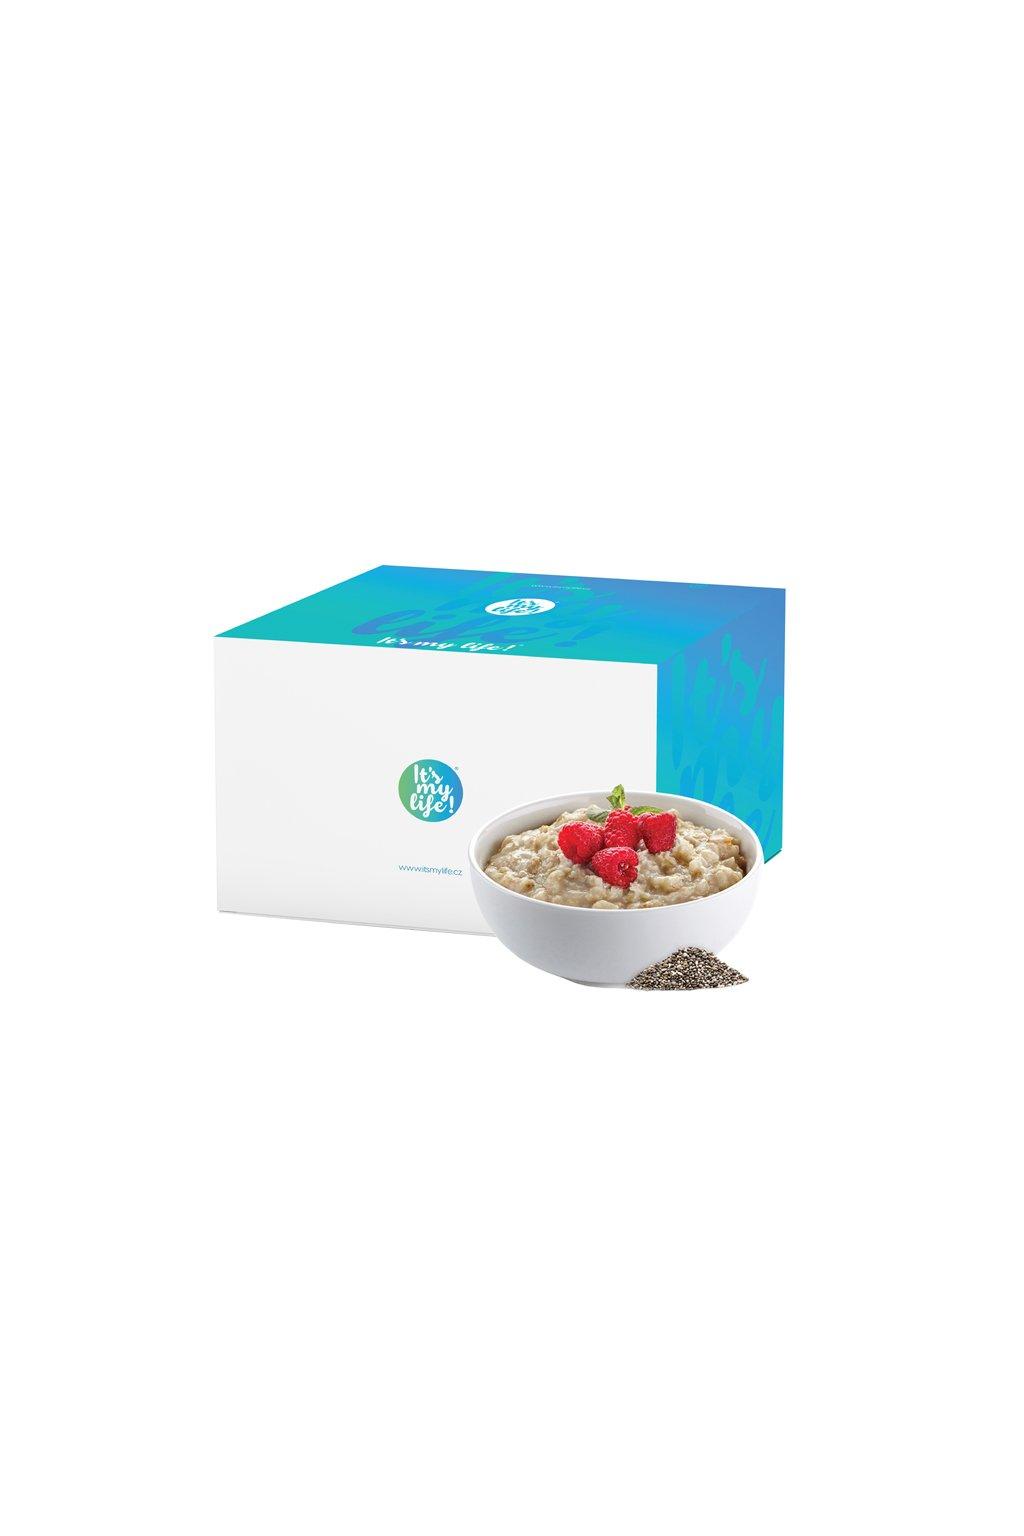 Malinové proteinové kaše s chia semienkami, 800g (20porcií)